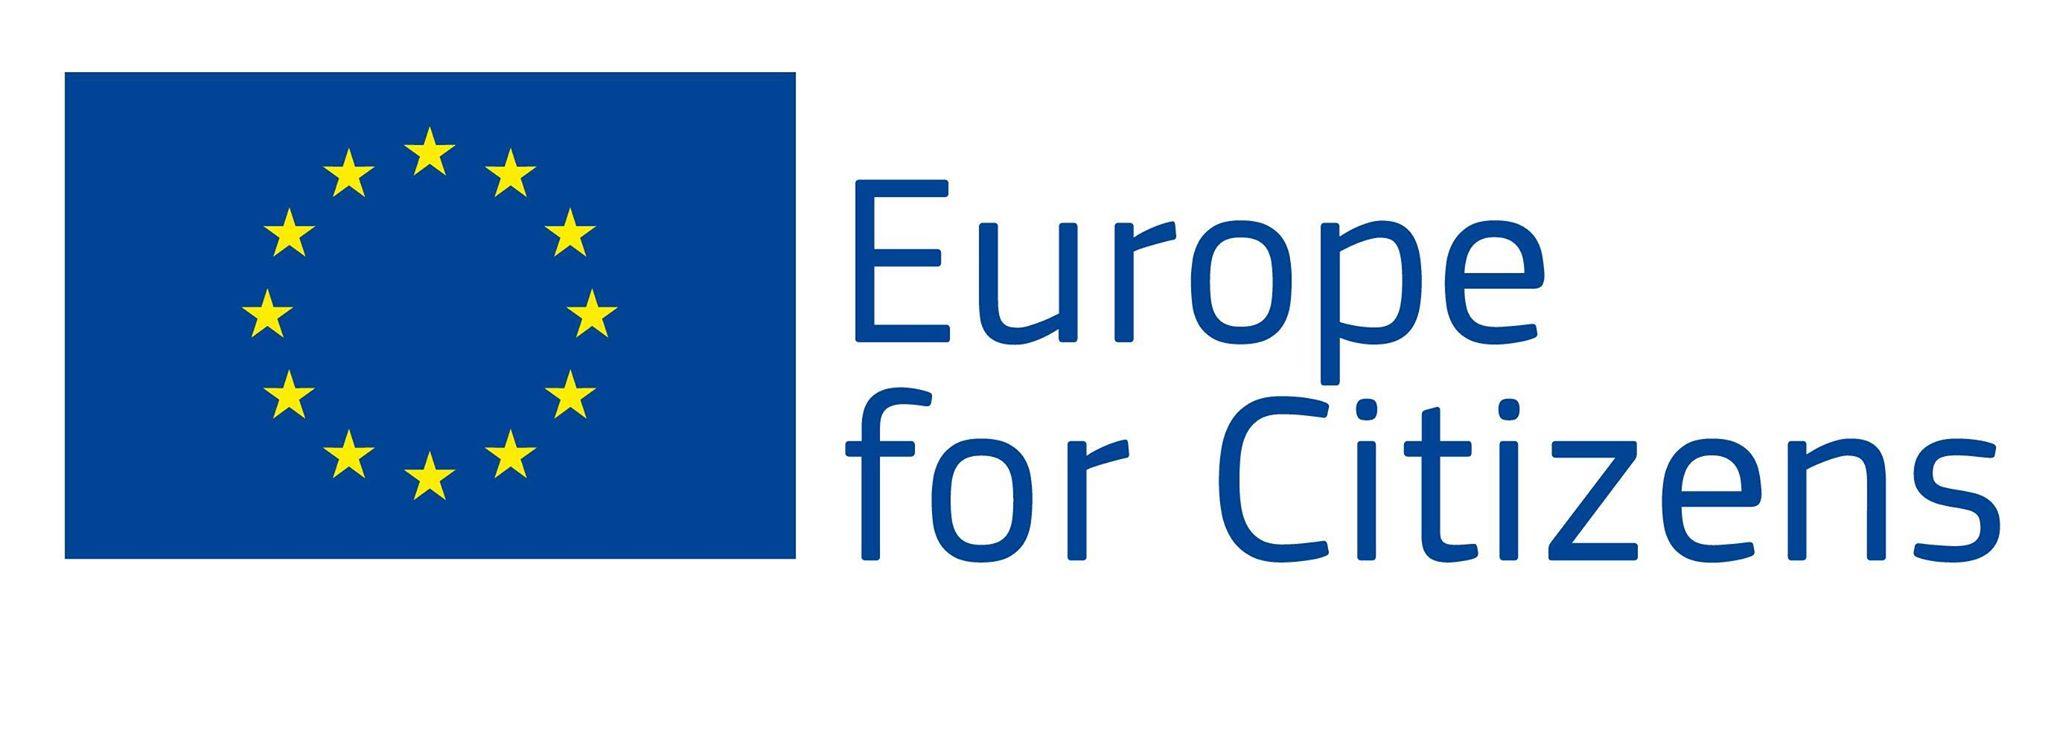 Álomalapítás Európában